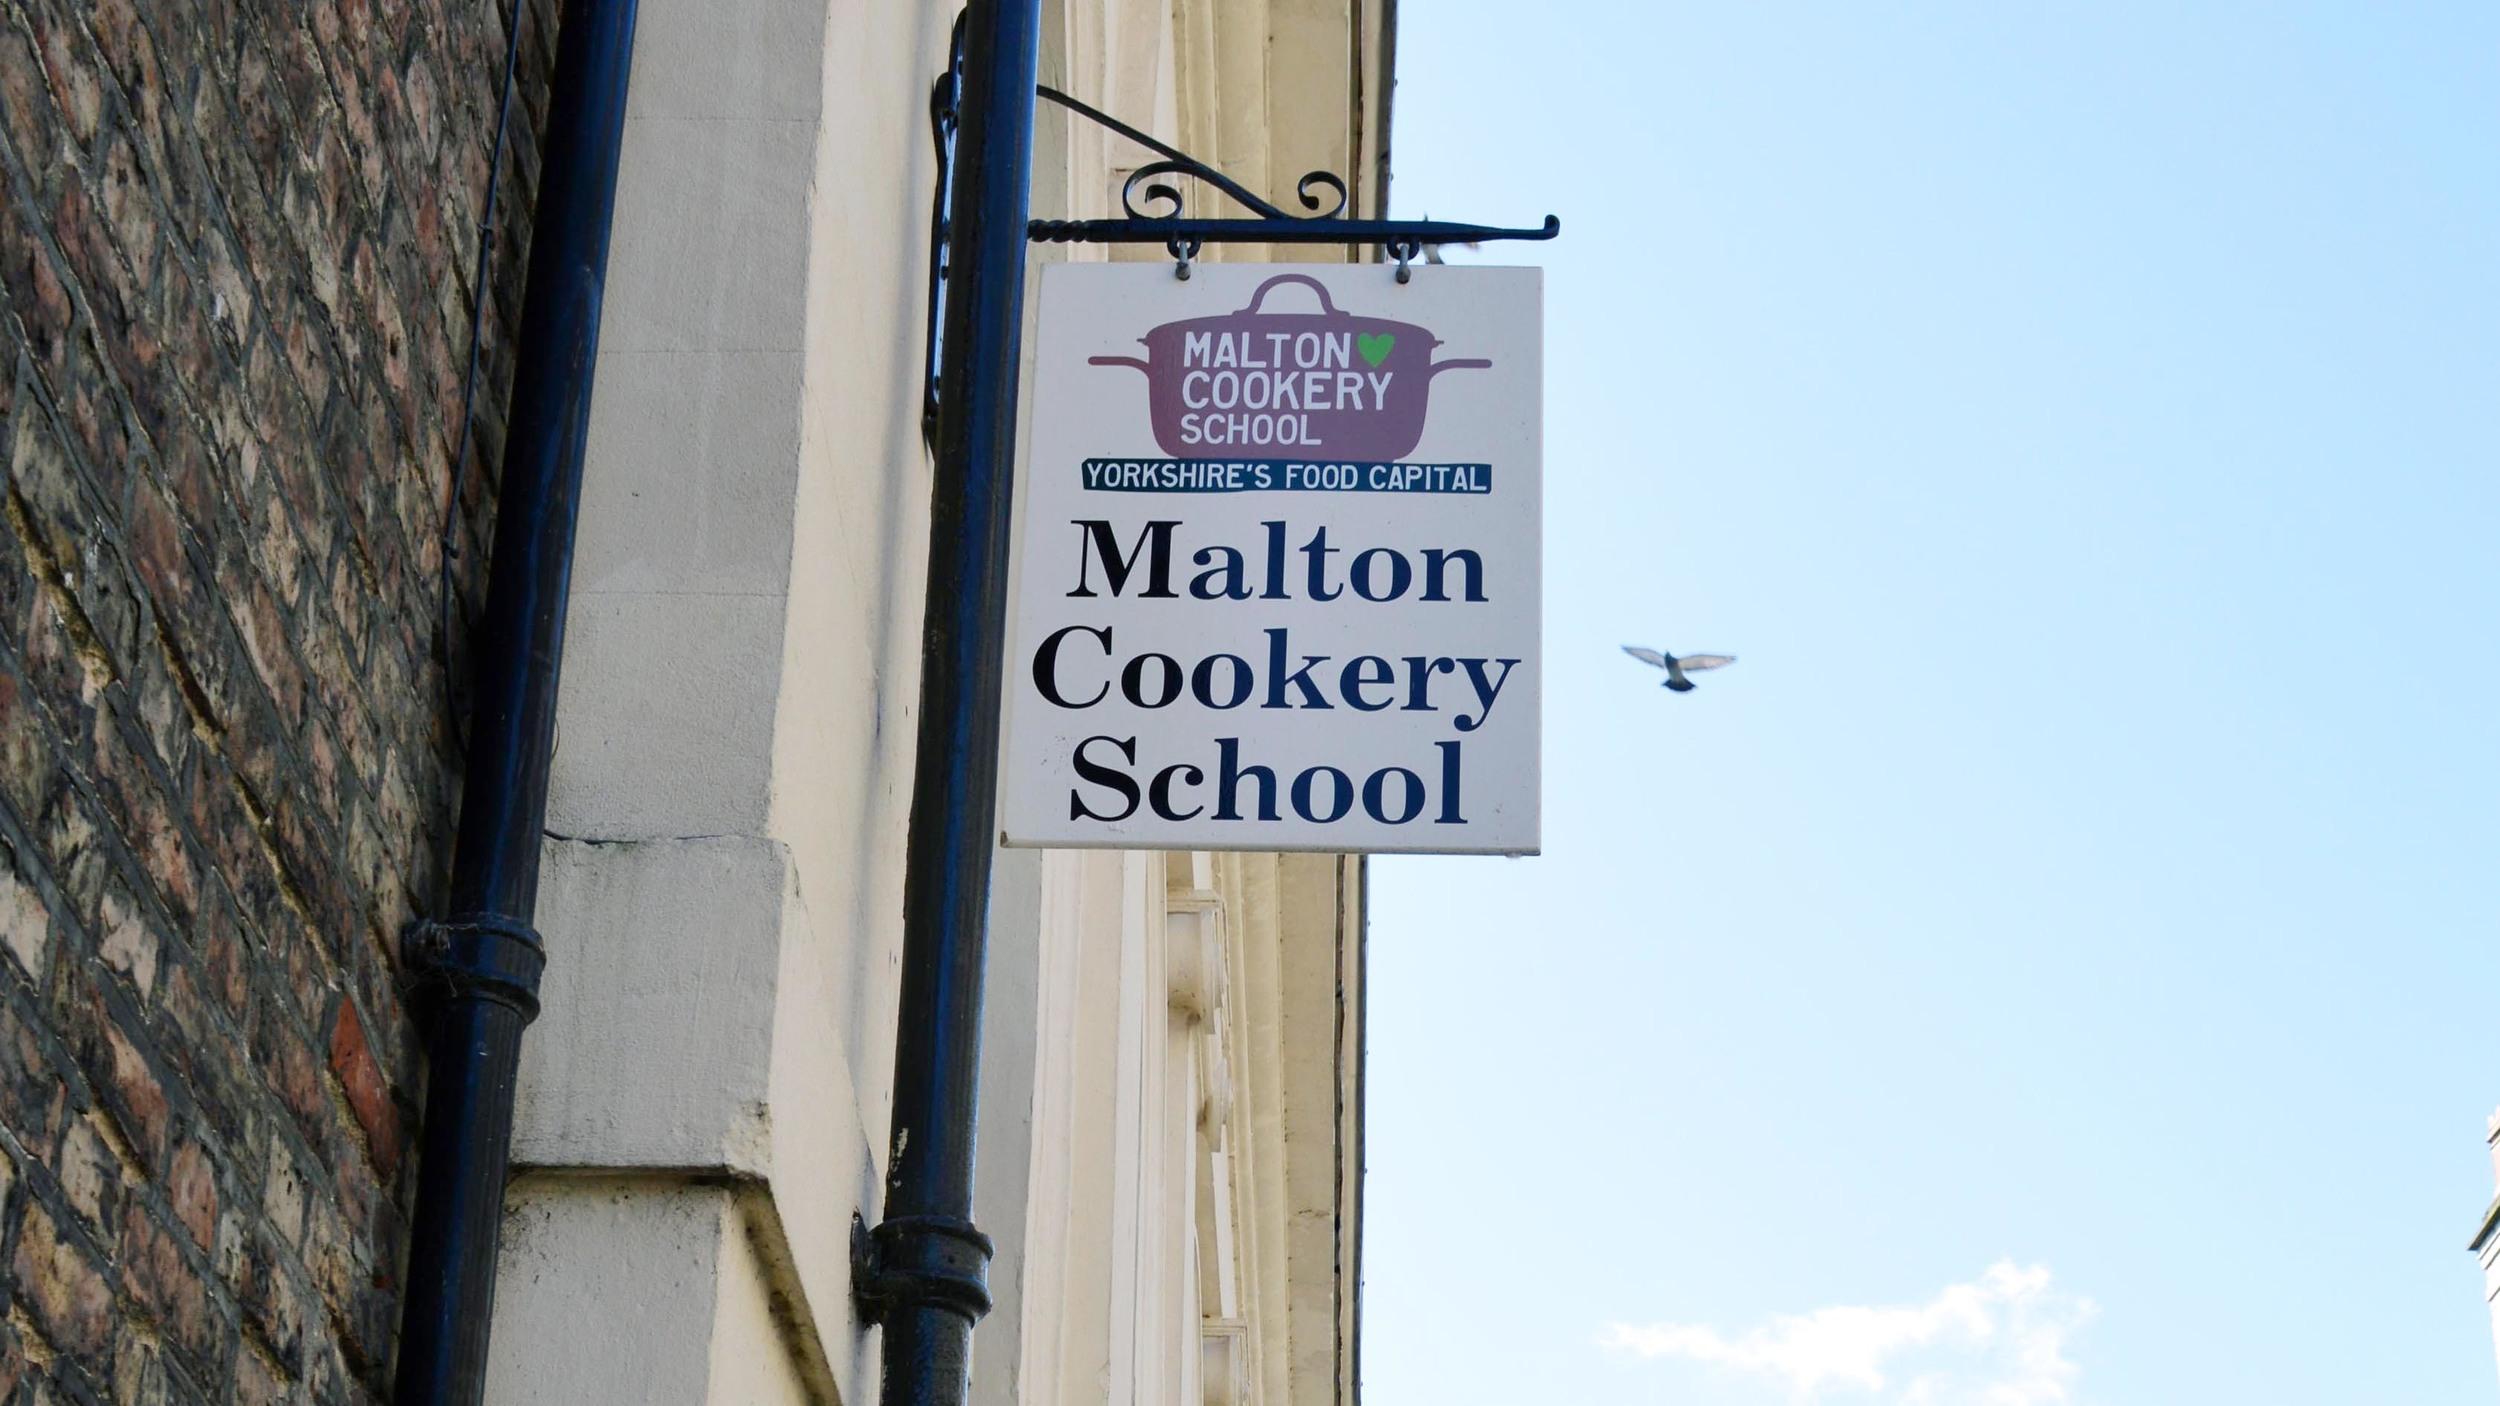 Malton Cookery School Exterior